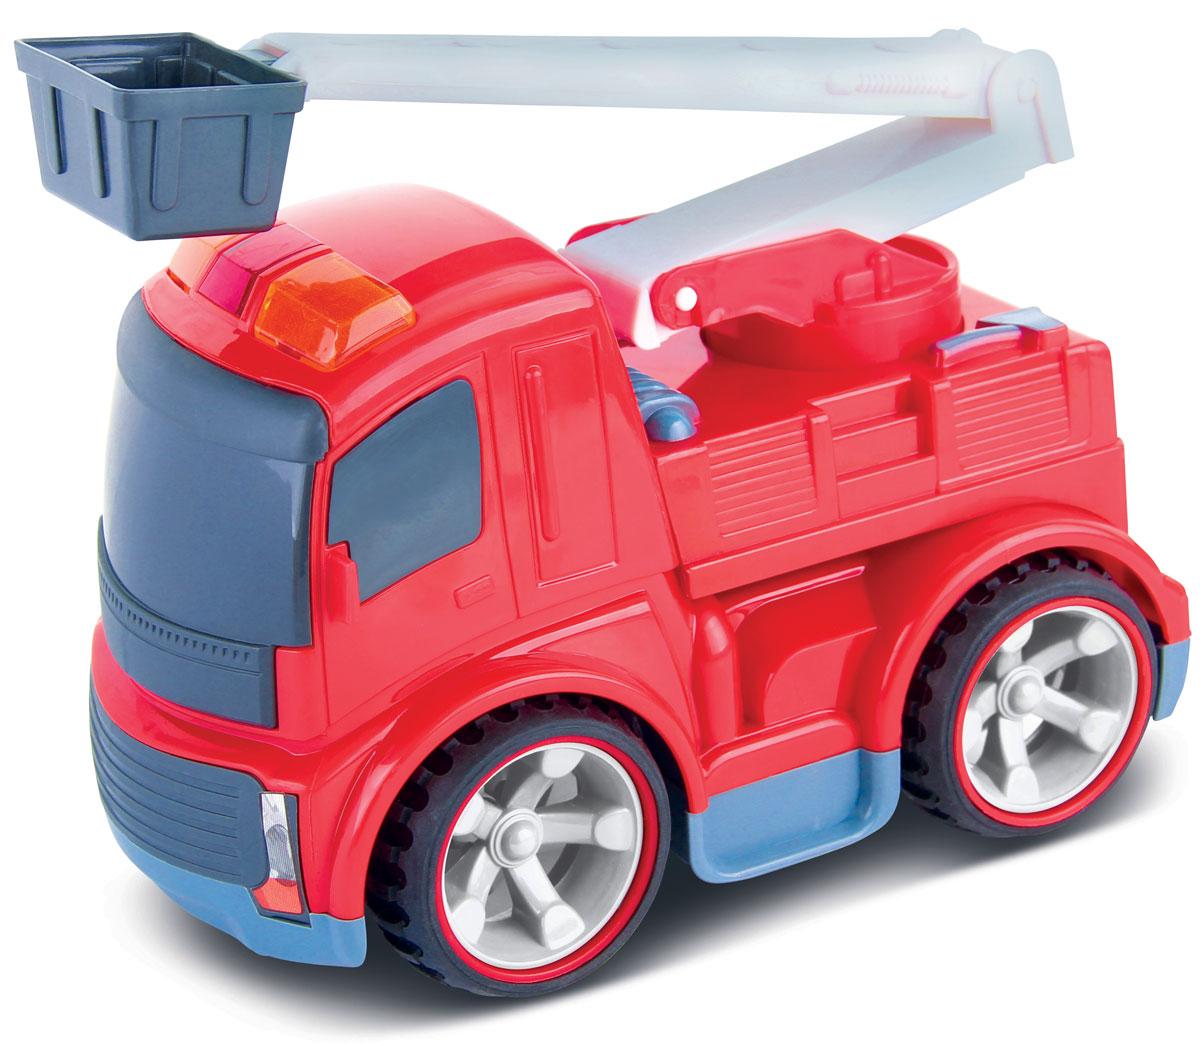 Bluesea Пожарная машинка на радиоуправлении bluesea квадрокоптер на радиоуправлении cx 10 цвет голубой